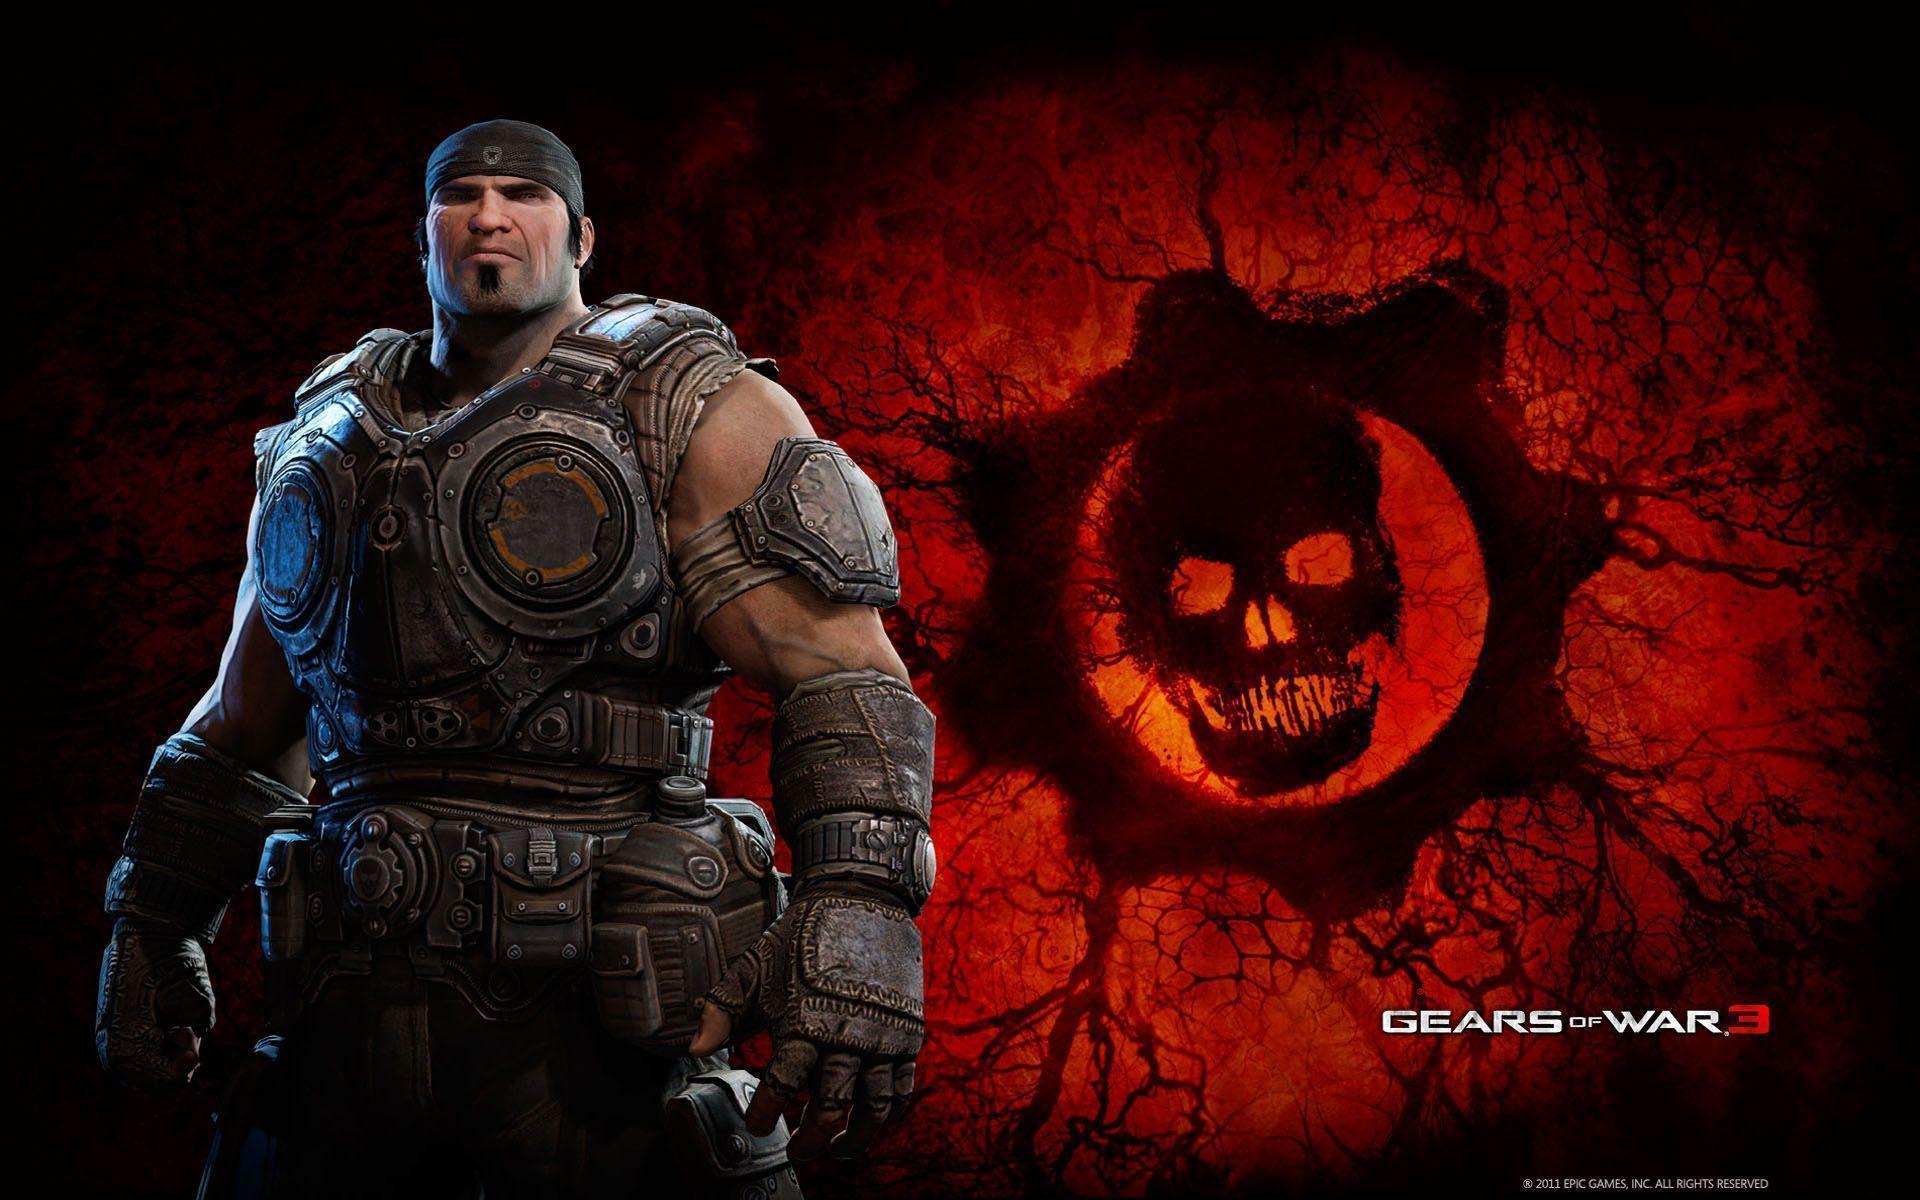 Gears Of War 3 Wallpapers